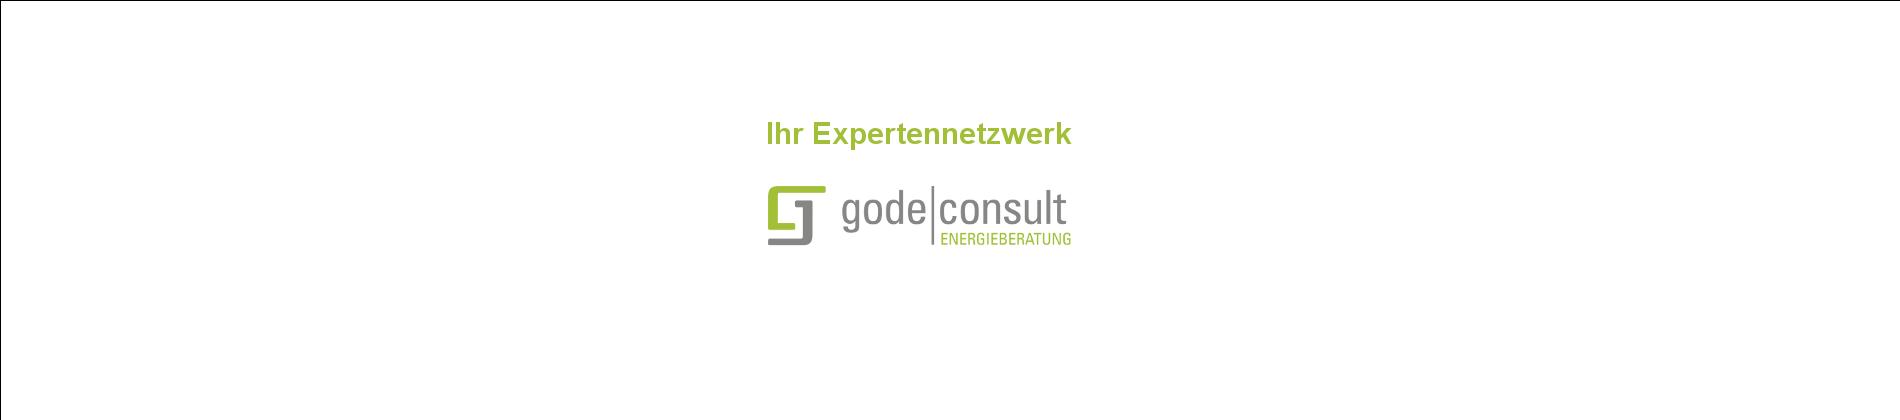 ihr-experten-netzwerk-logo-gruen